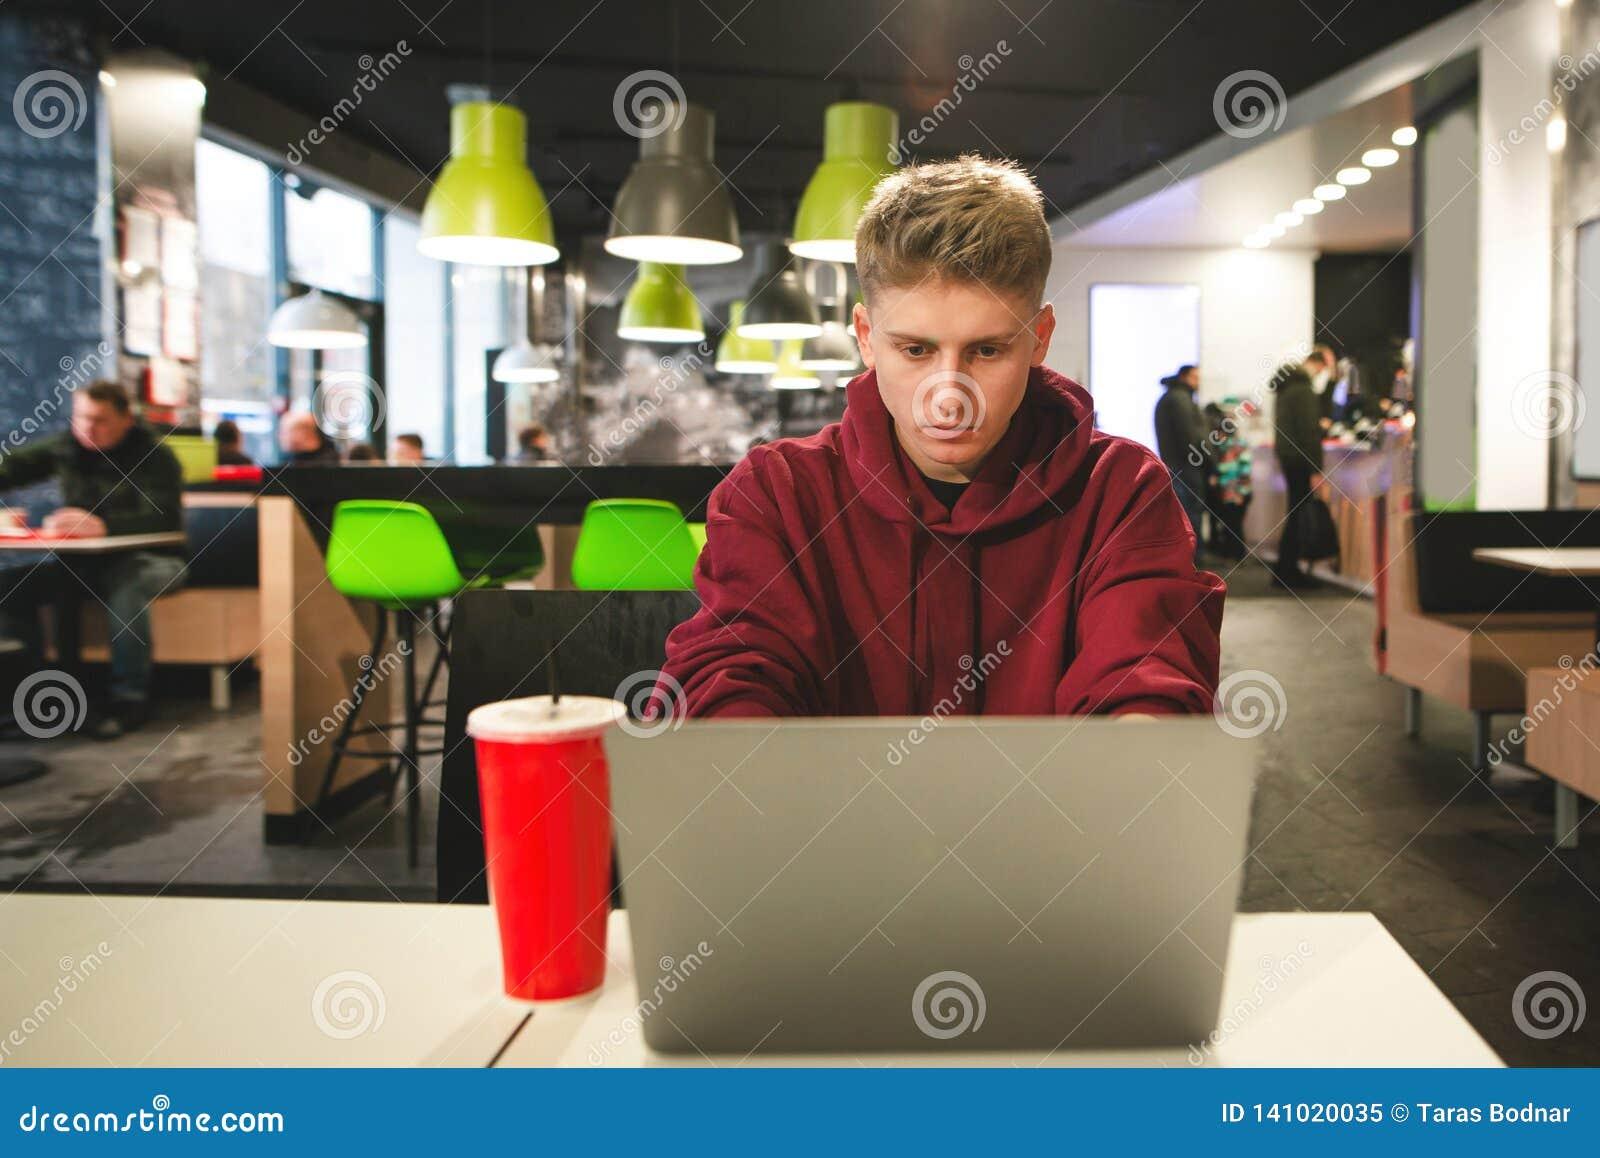 Skupiający się faceta freelancer pracuje na laptopie w fast food kawiarni, skupia się na ekranie